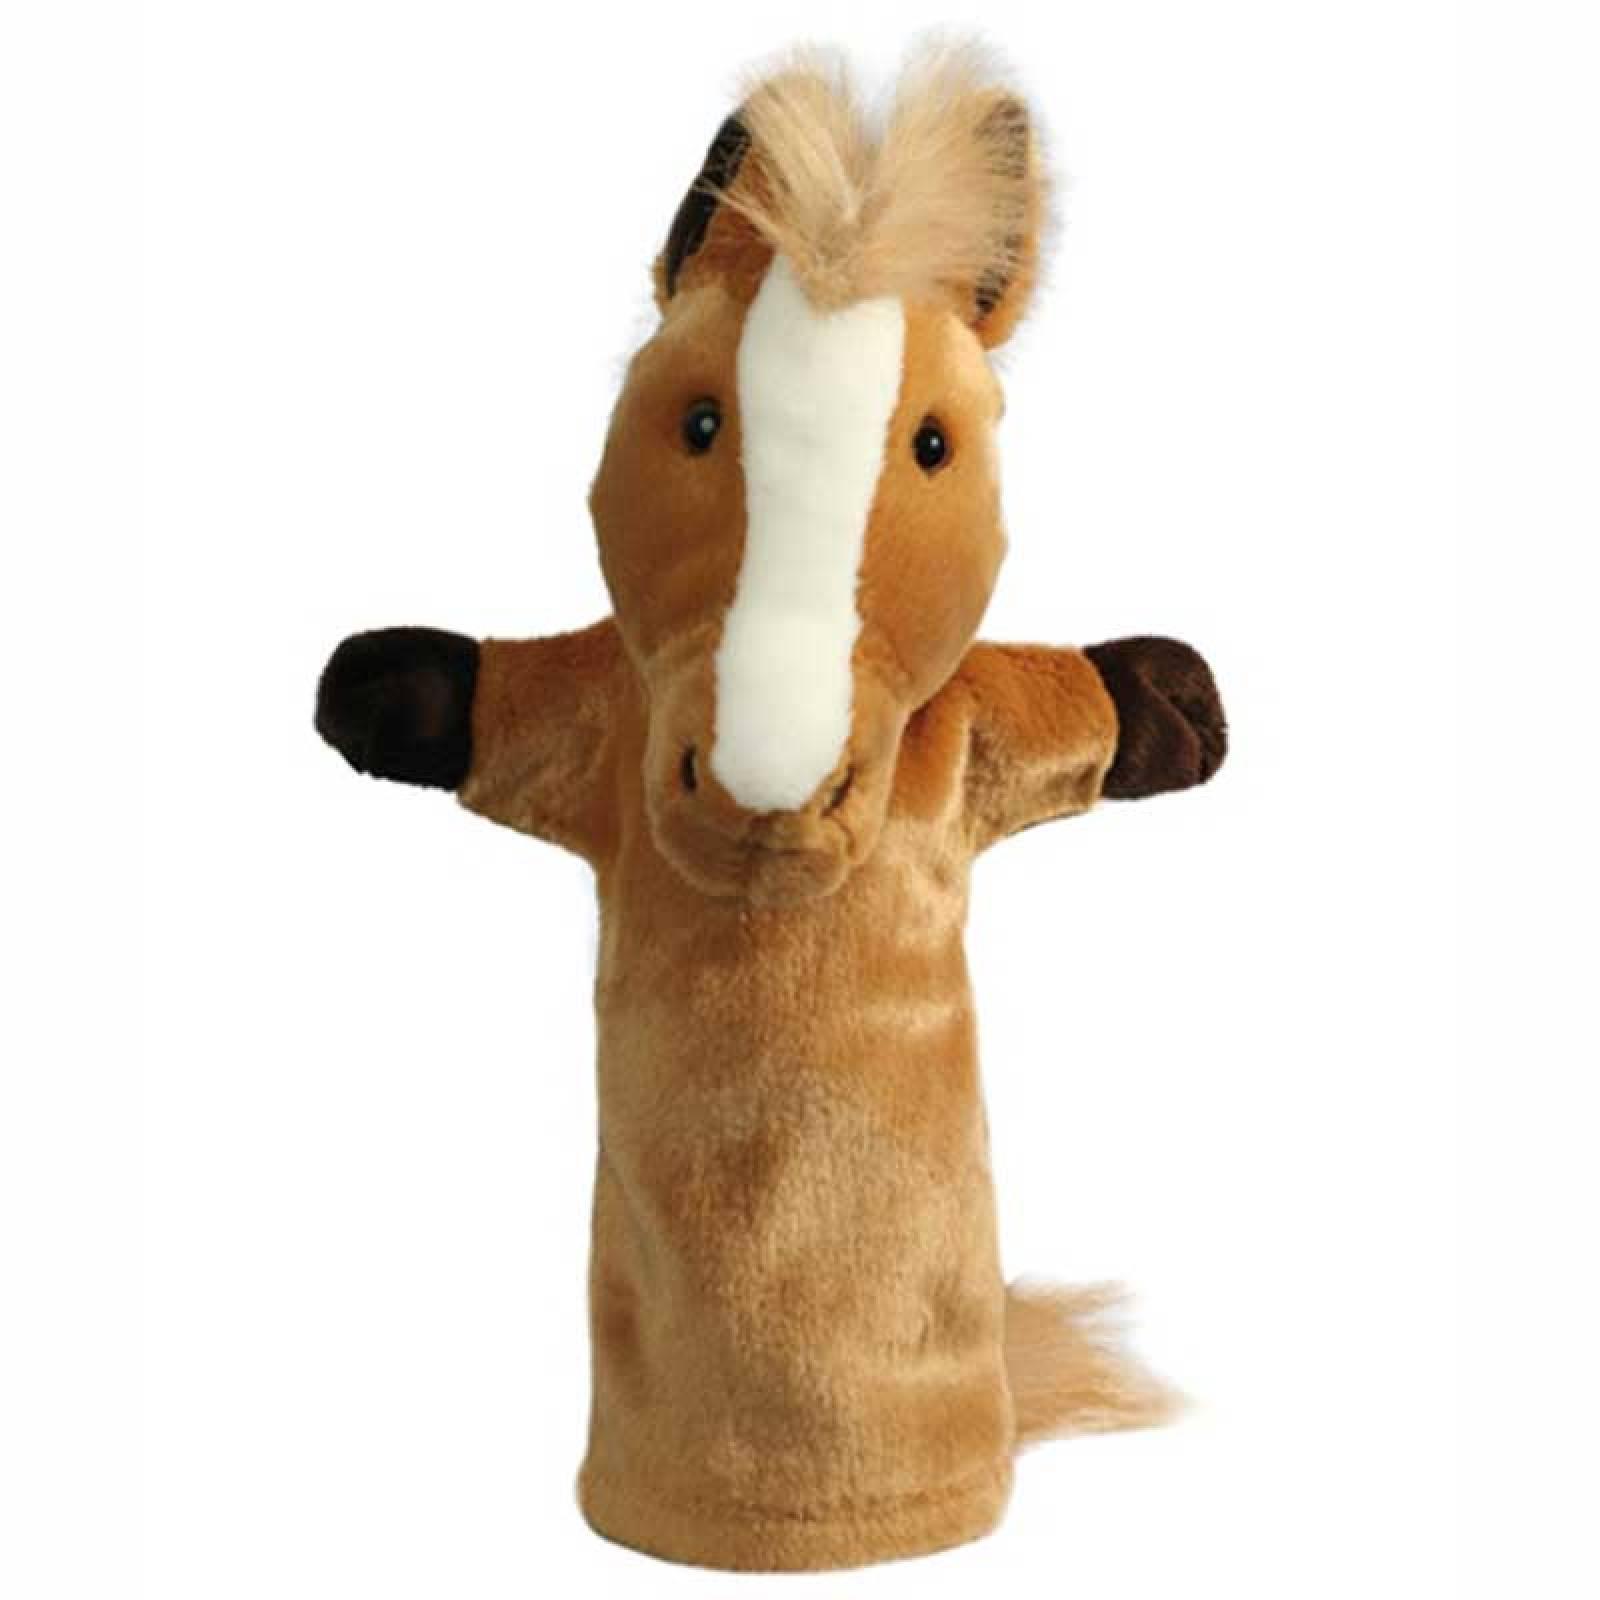 HORSE Long Sleeved Glove Puppet